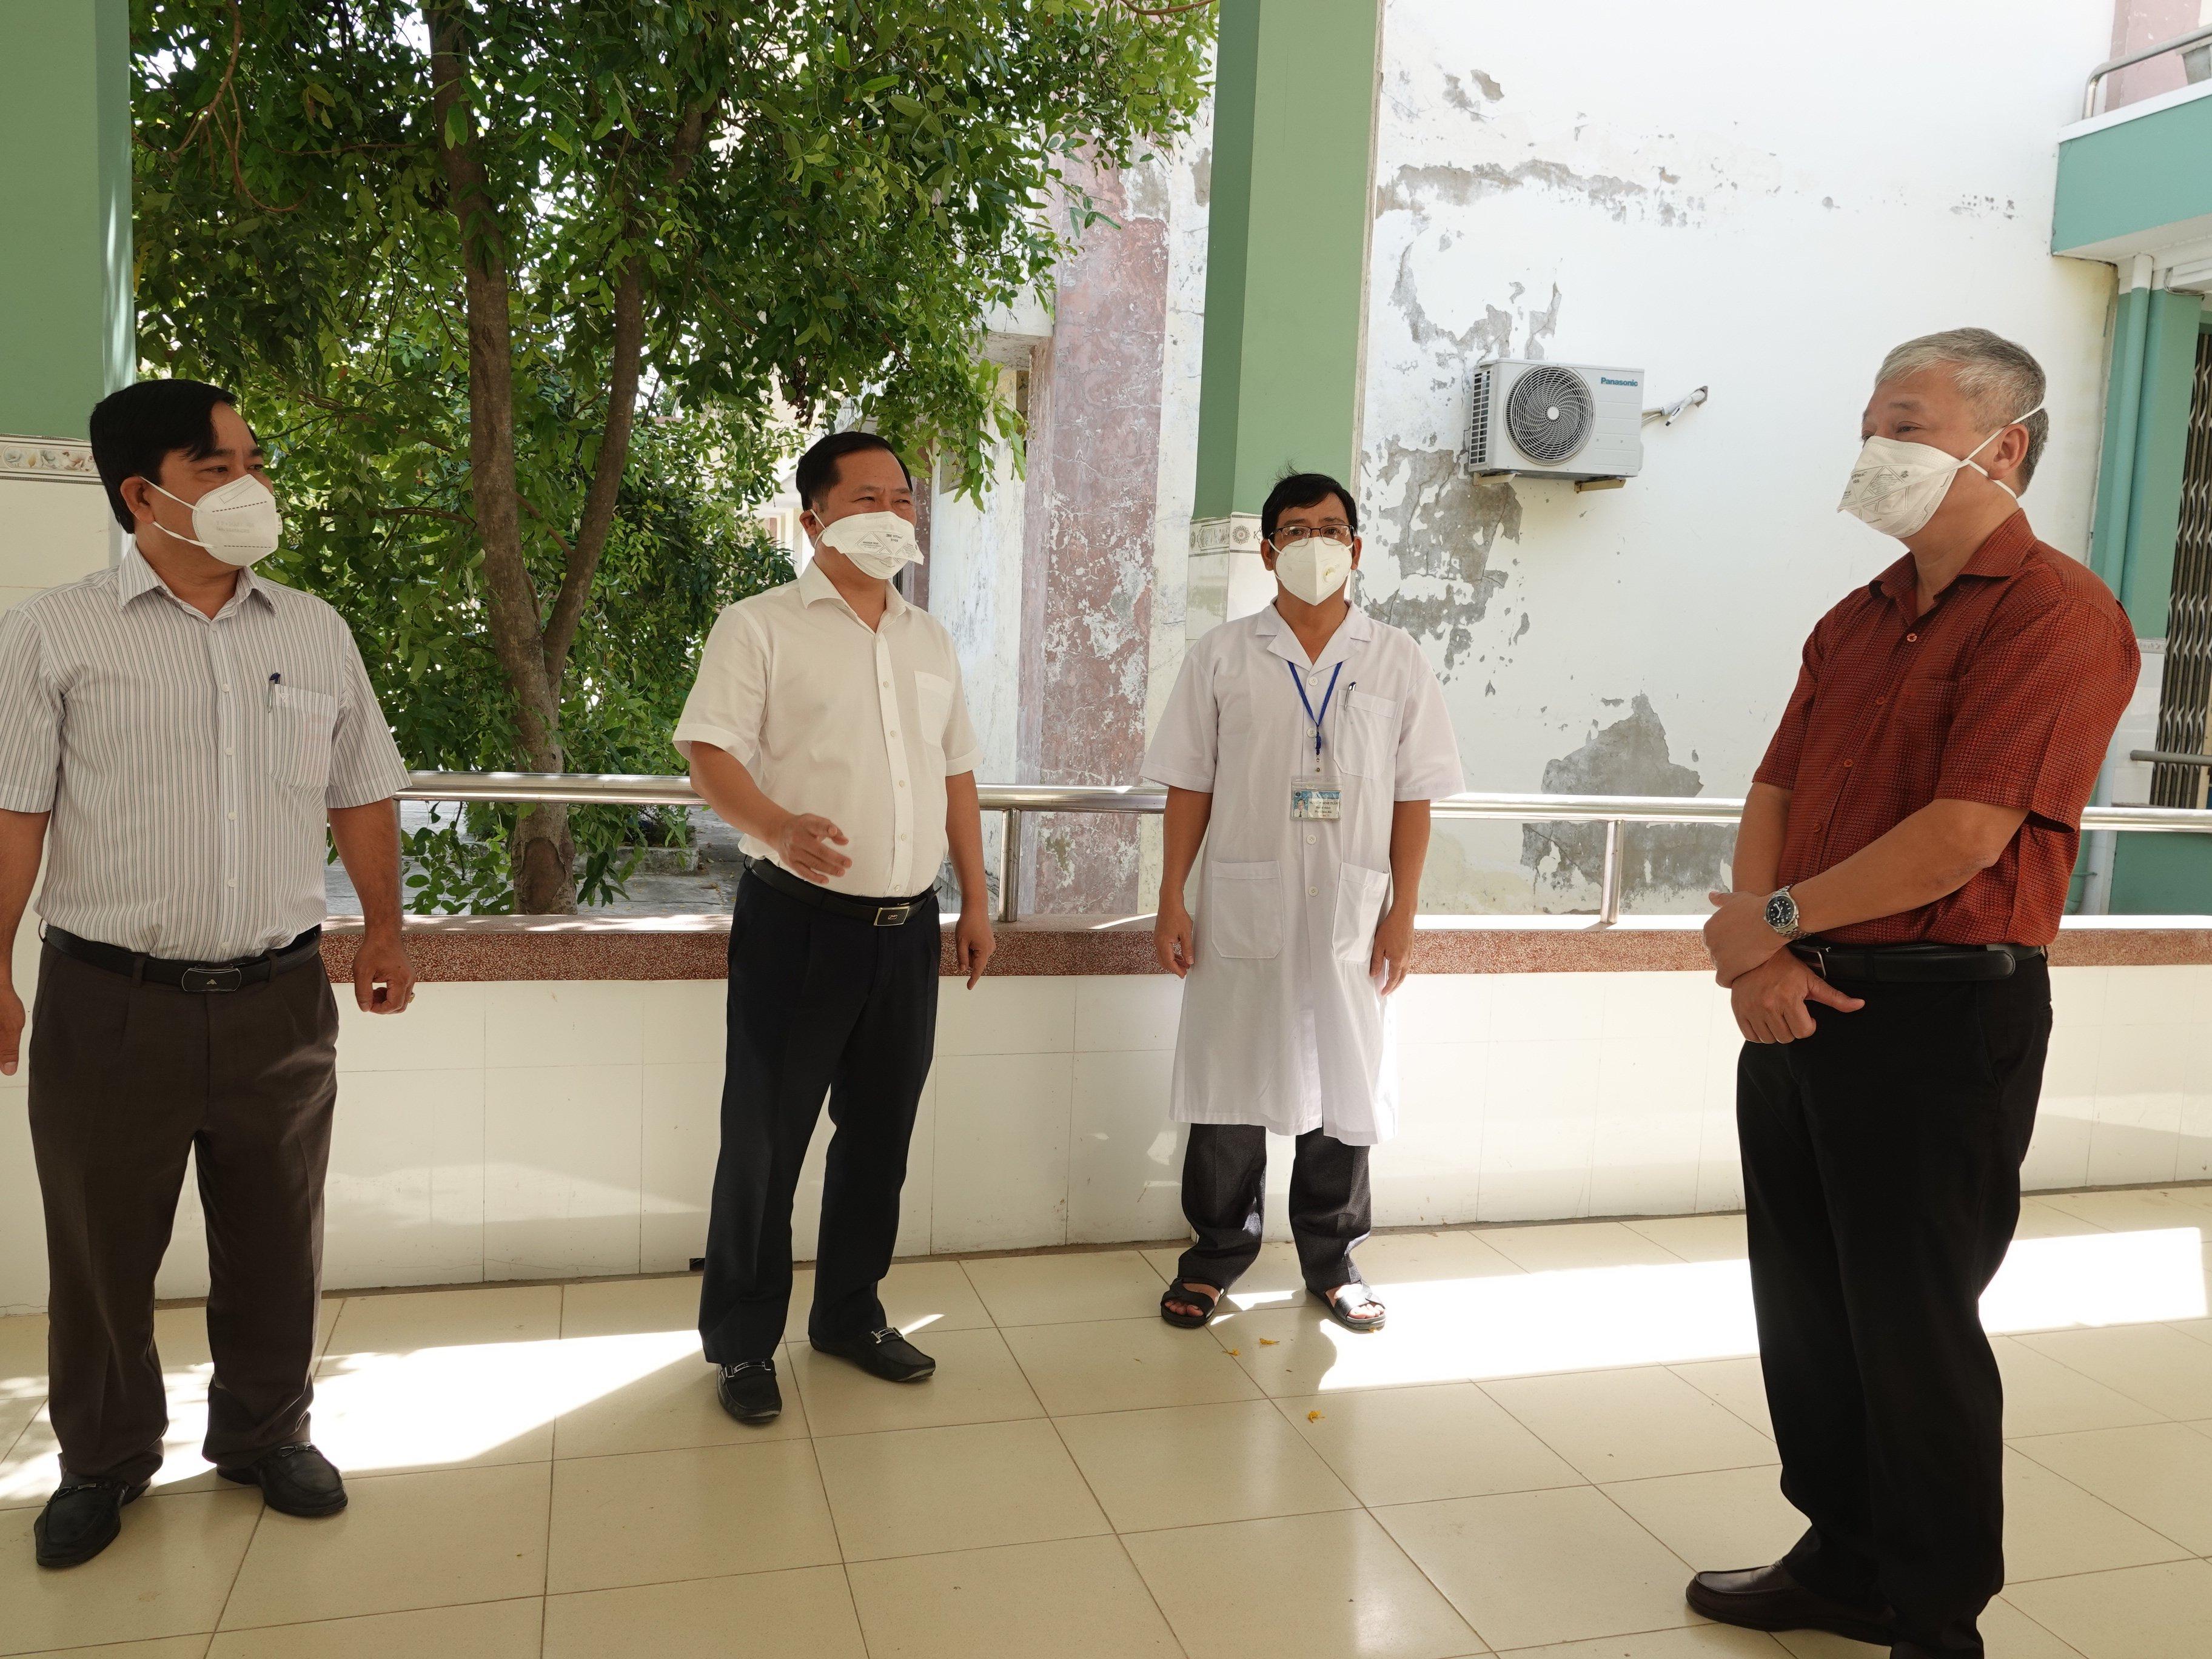 Bình Định phong tỏa 5 phường của TP. Quy Nhơn sau khi xuất hiện ổ dịch nguy hiểm